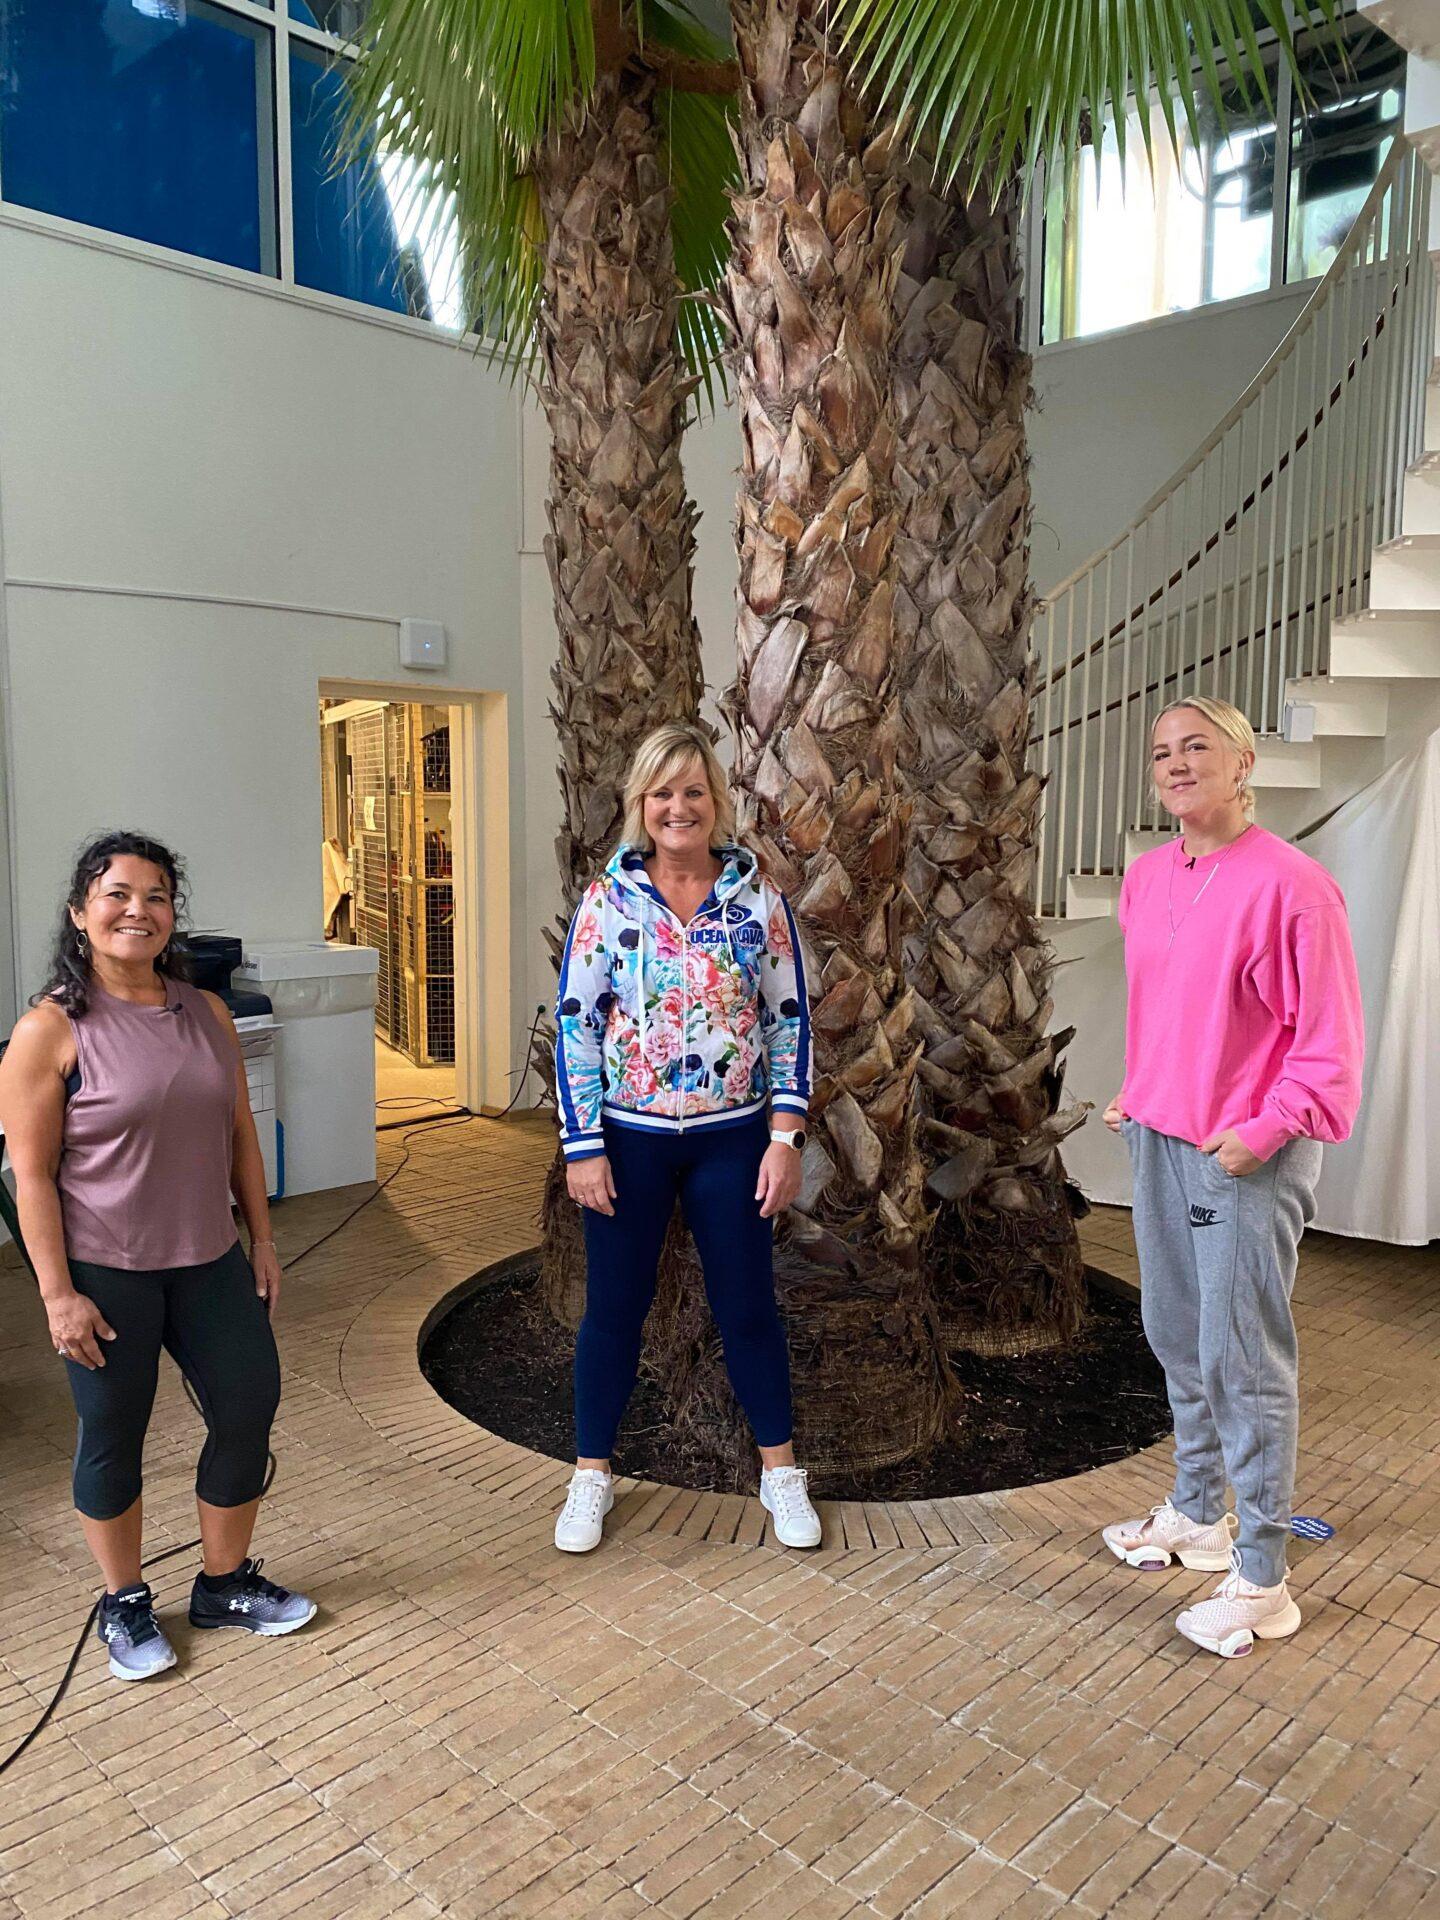 Vægttab i overgangsalderen – min medvirken i Go' morgen Danmark